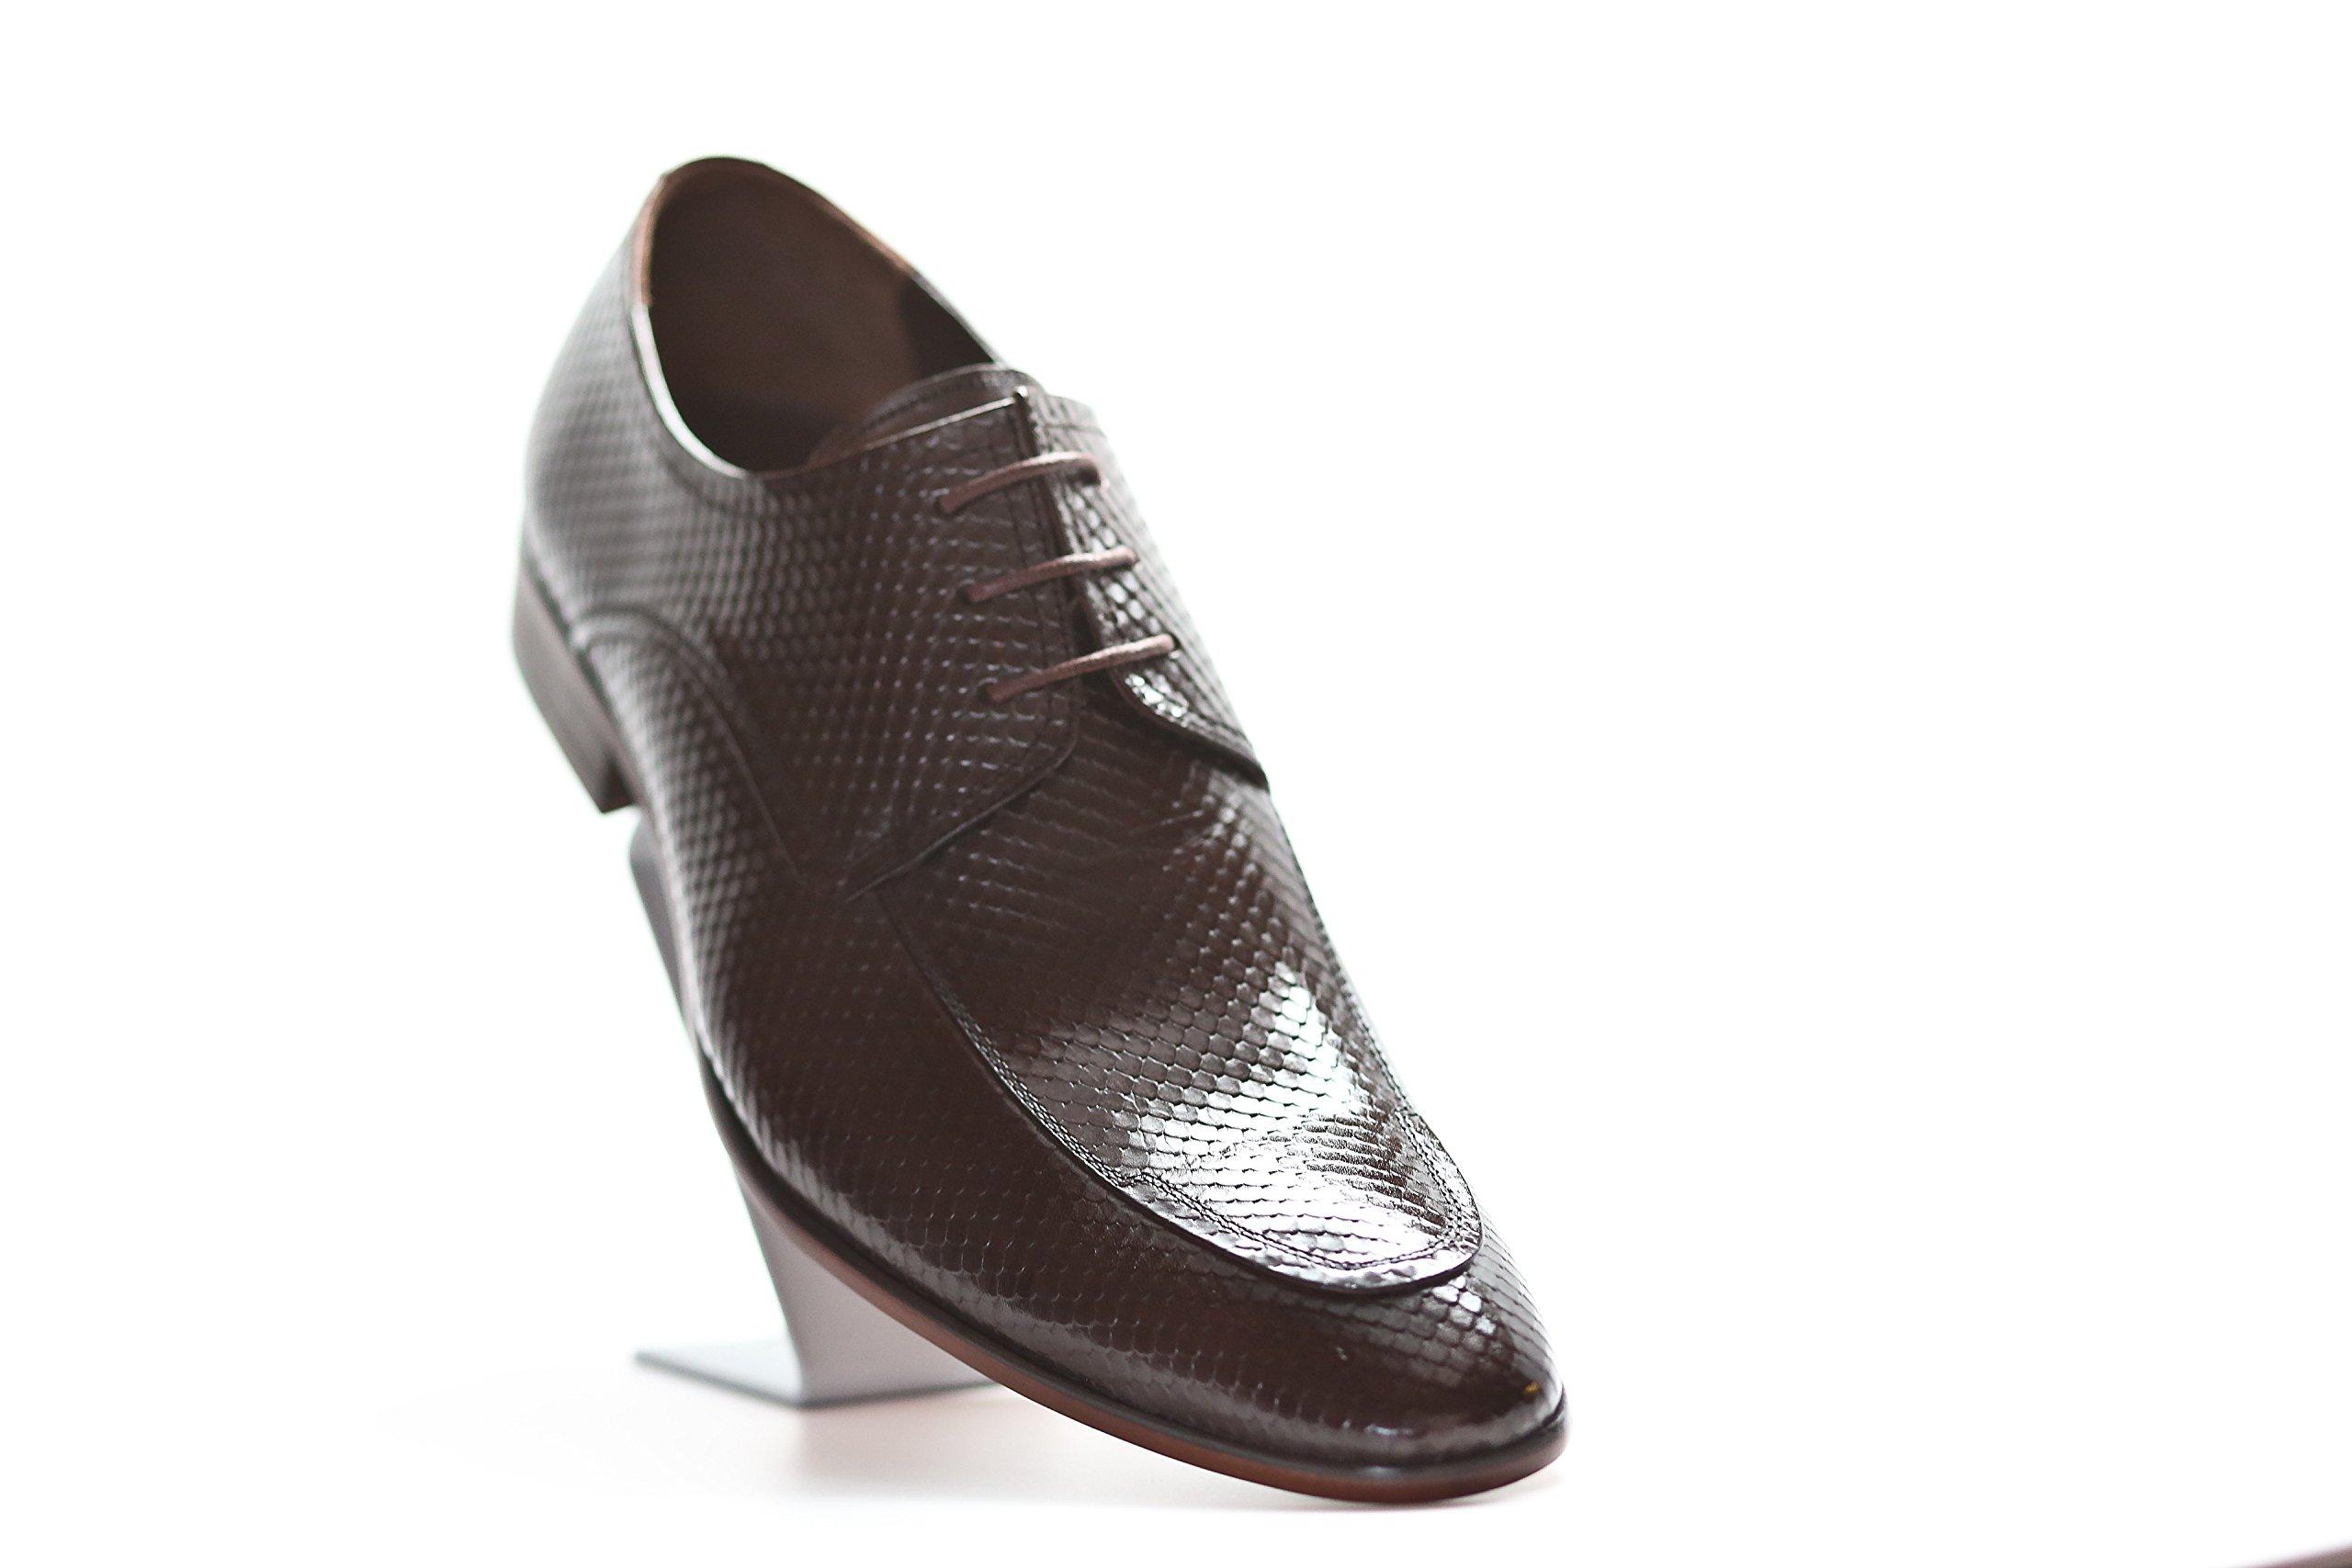 Liam Michael Men's Leather Delta Shoe (13, Coffee) by Liam Michael Shoes